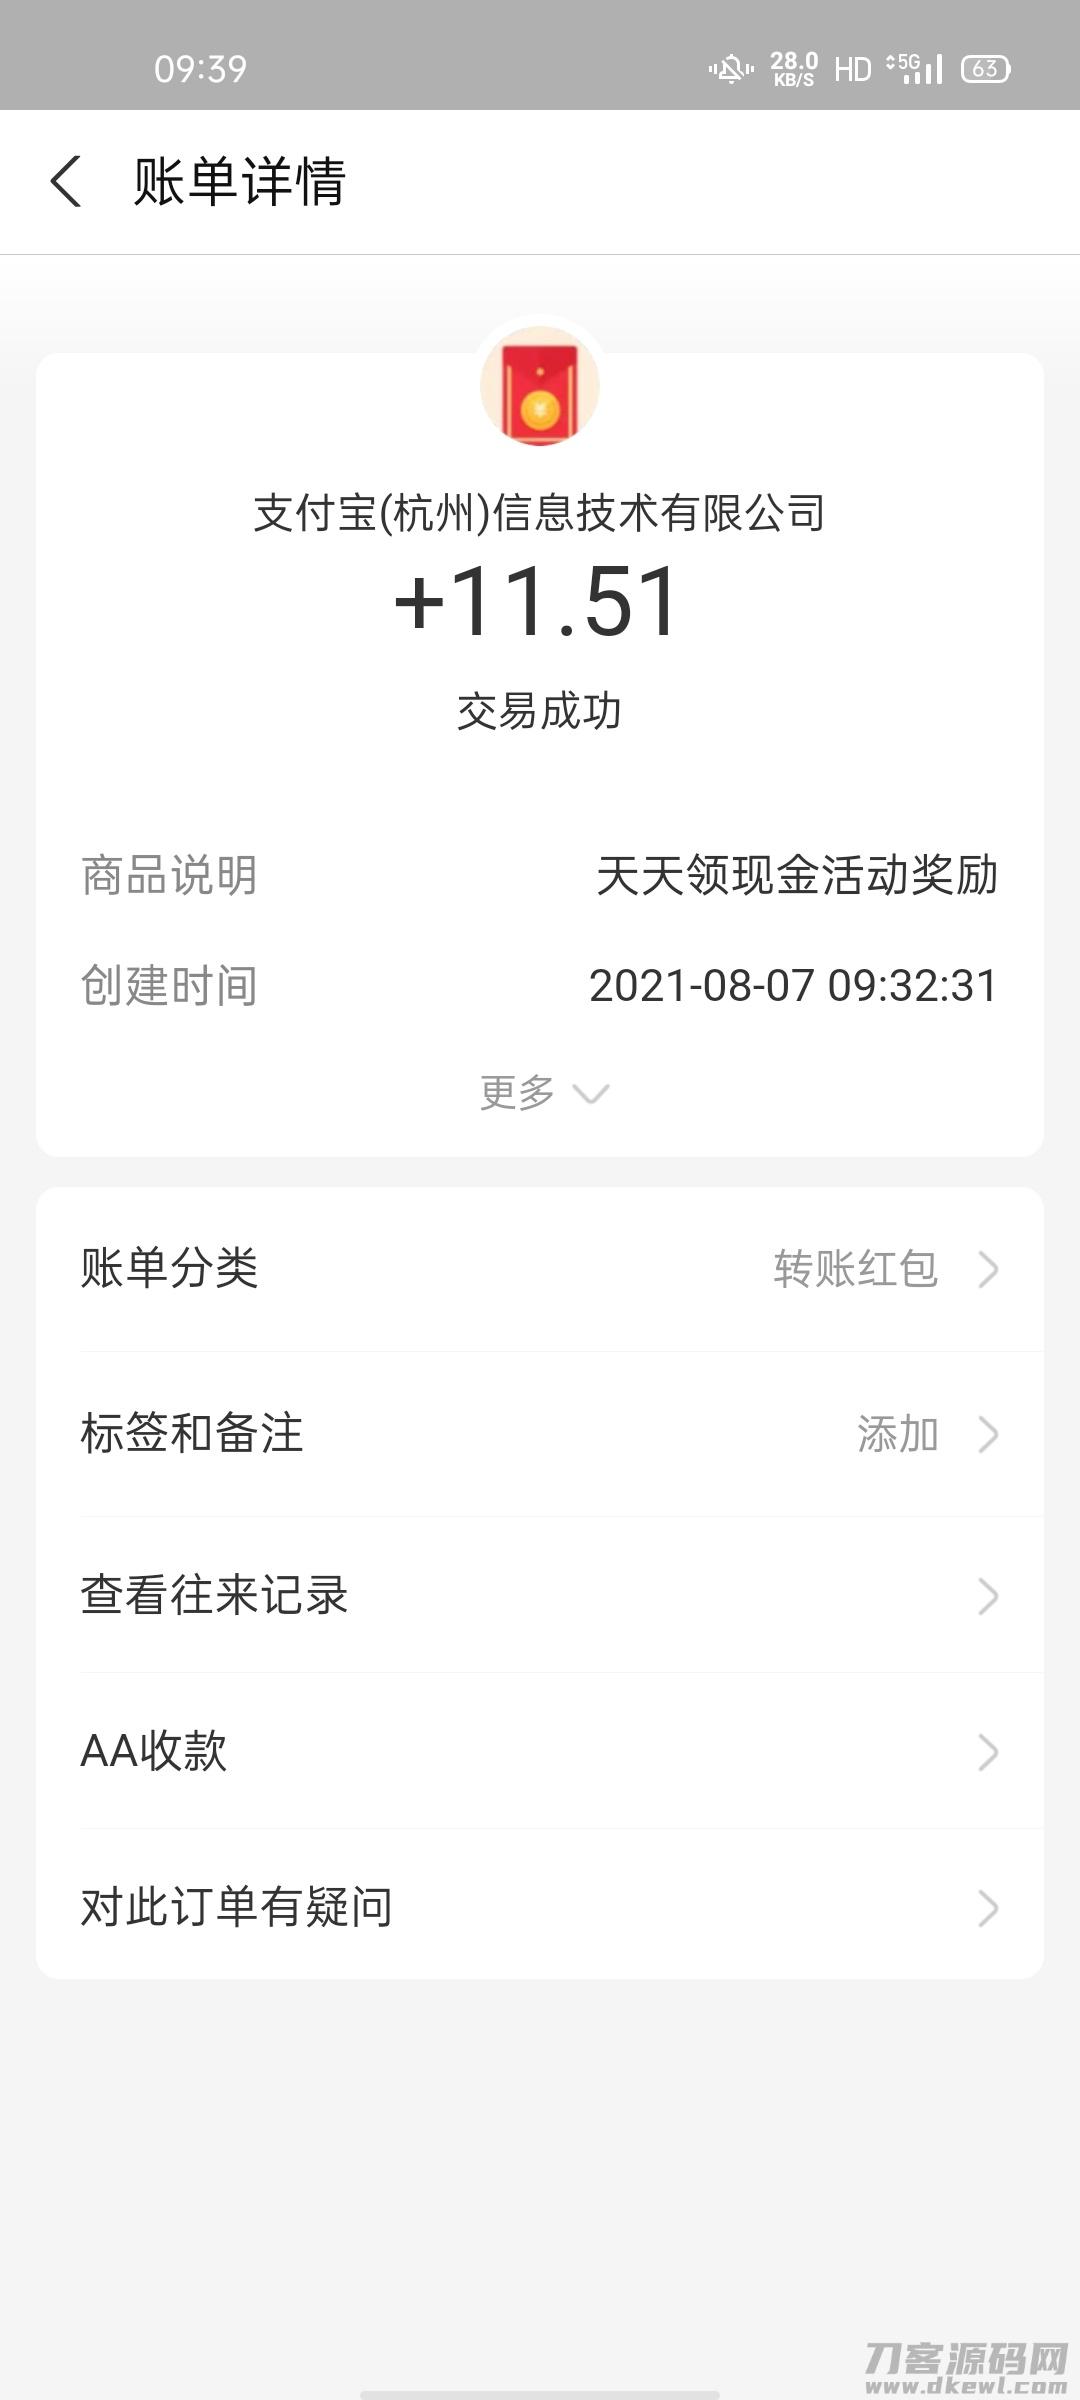 【大红包会员专区】支付宝钱包领十元账户余额插图3